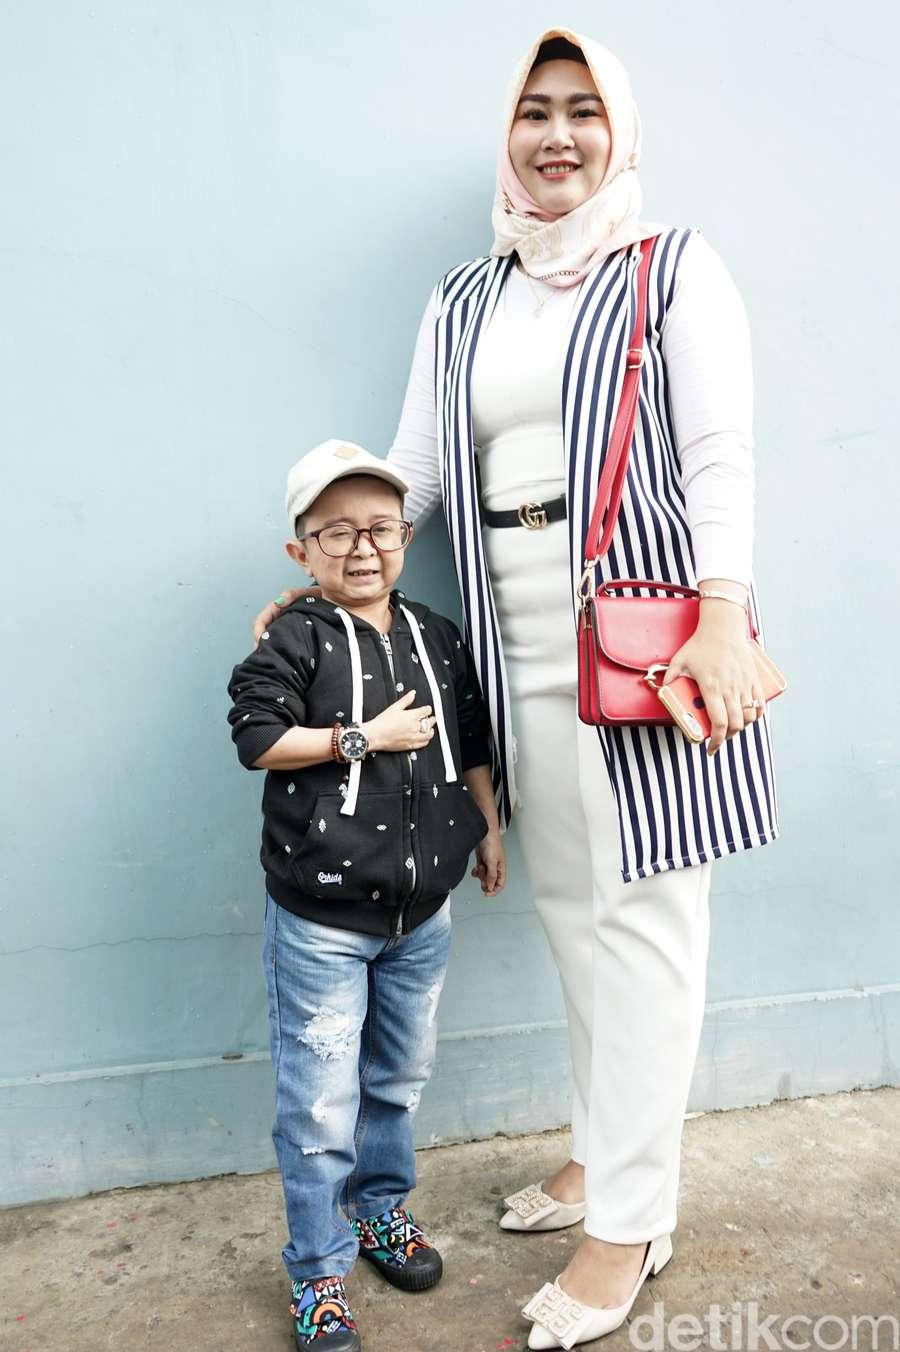 BisaAe! Ngaku Sepi, Daus Mini Pengin Punya Anak Lagi